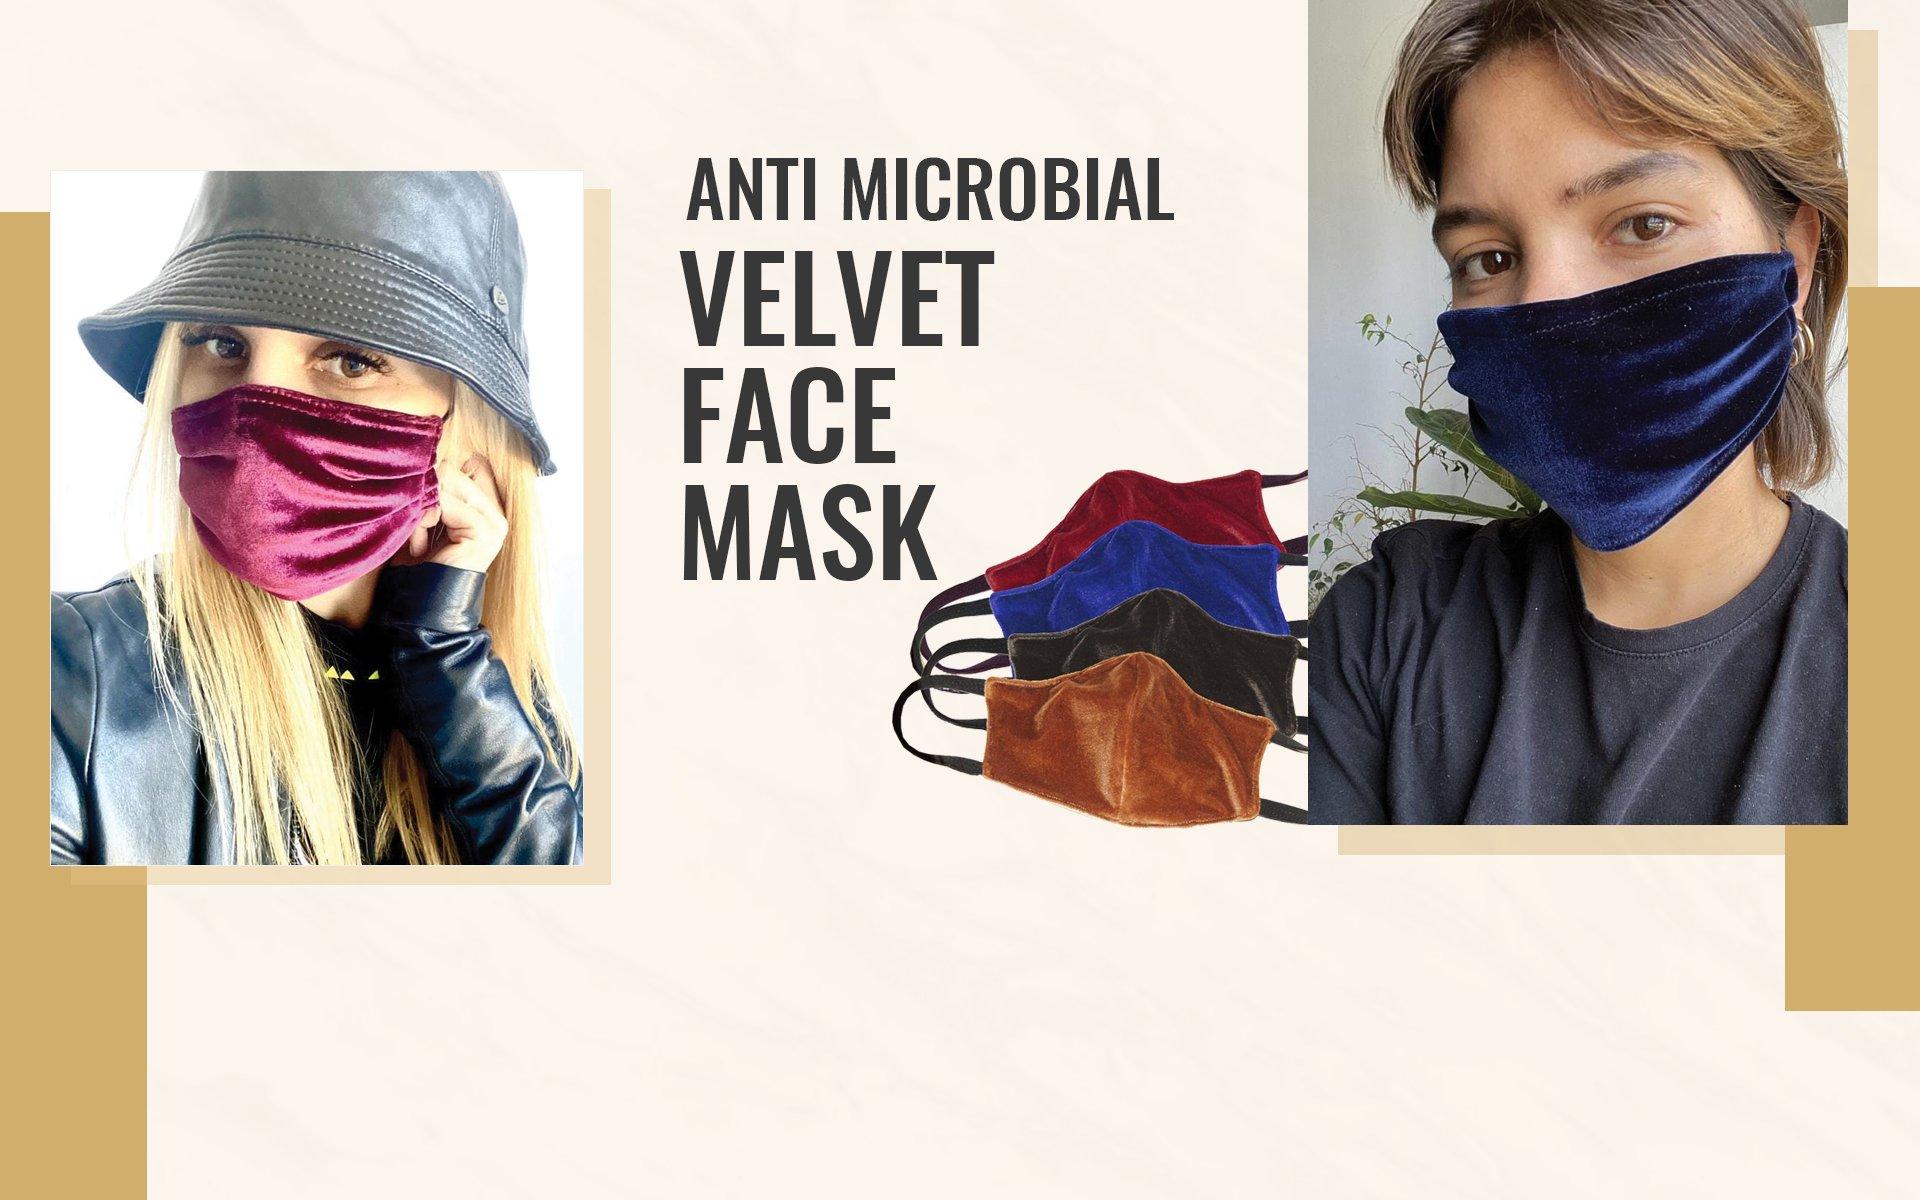 Velvet Face Mask